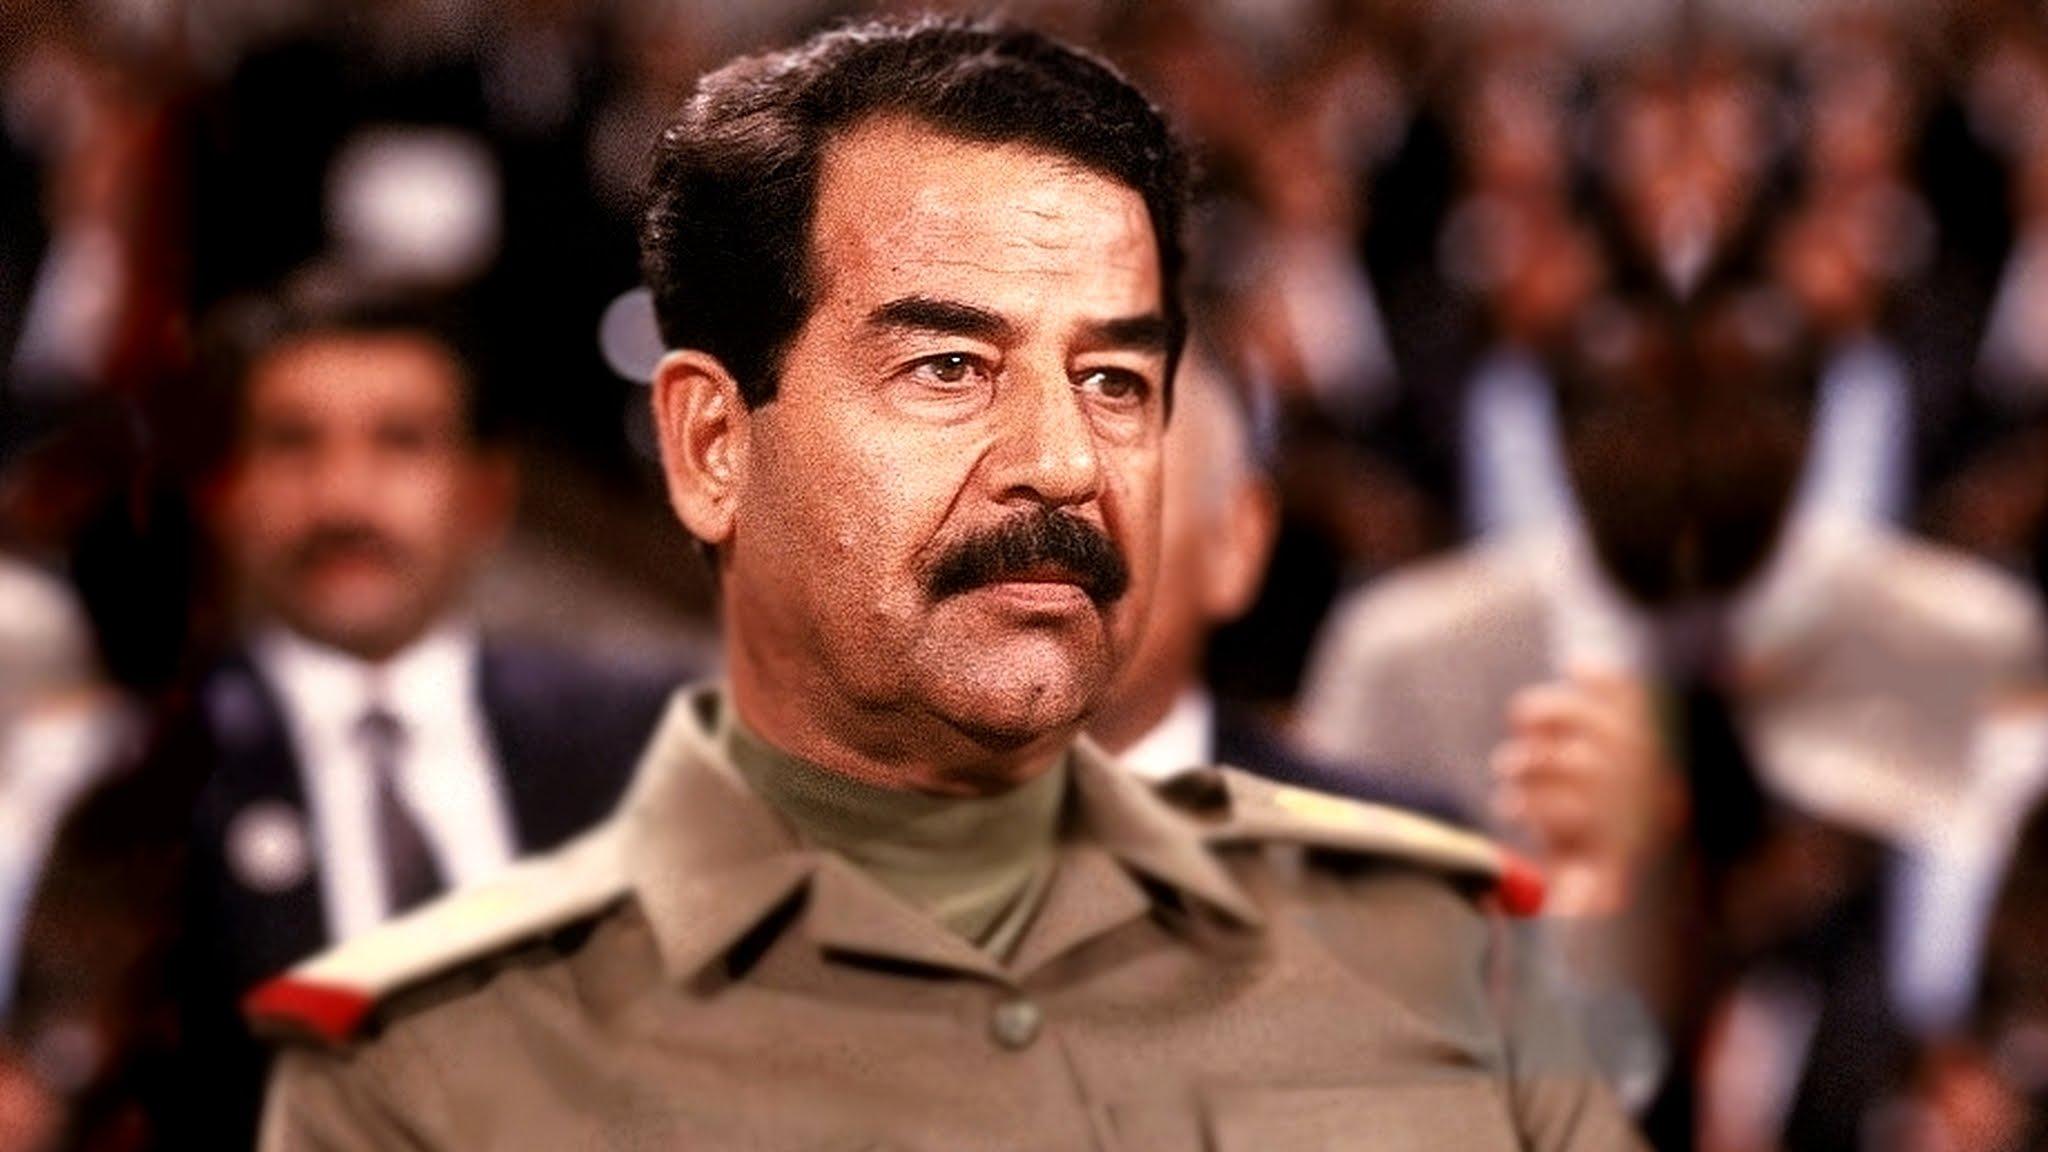 صورة بعد 12 عاما على إعدامه..أين جثة صدام حسين؟